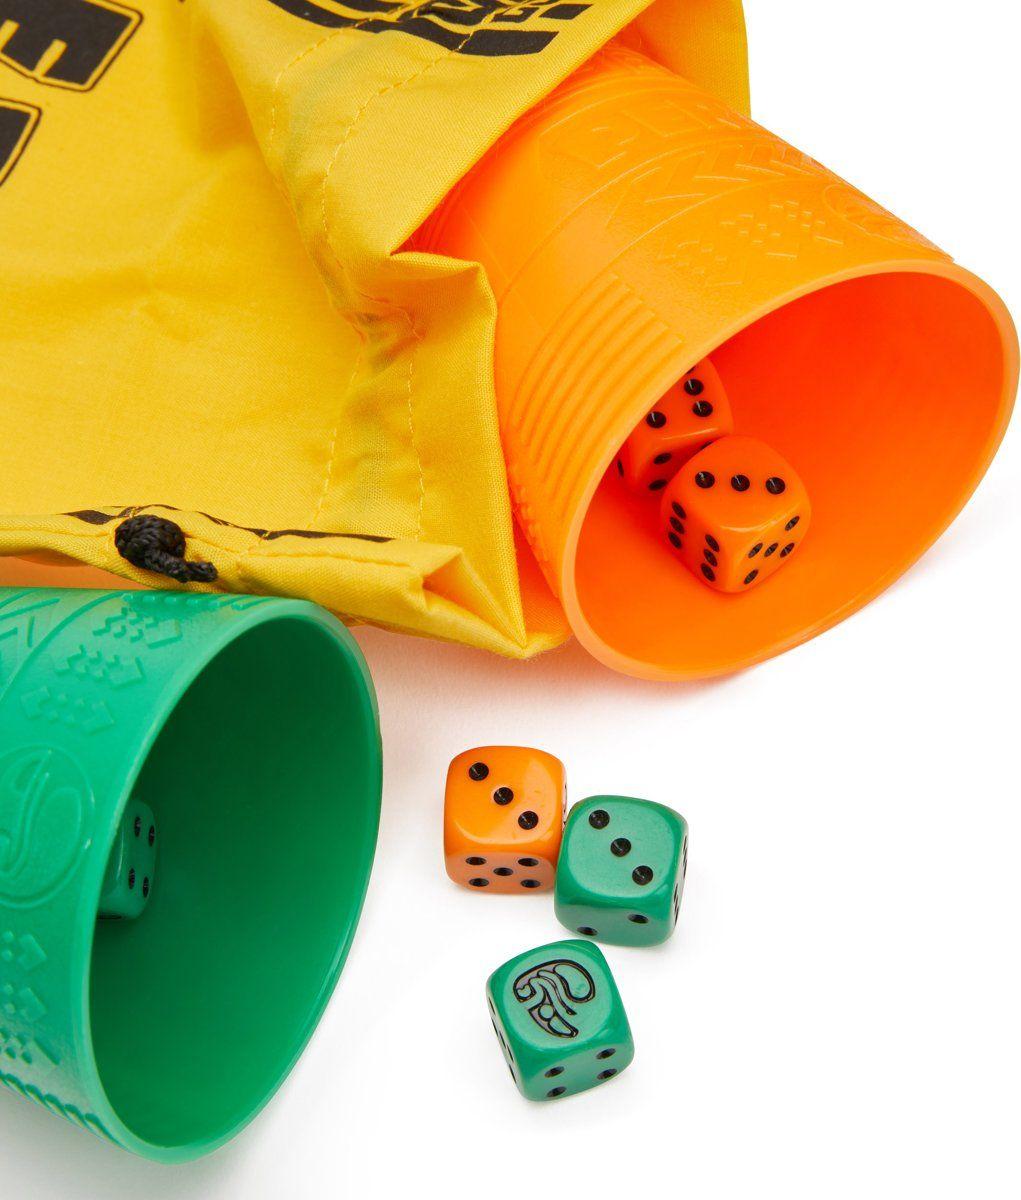 Perudo components